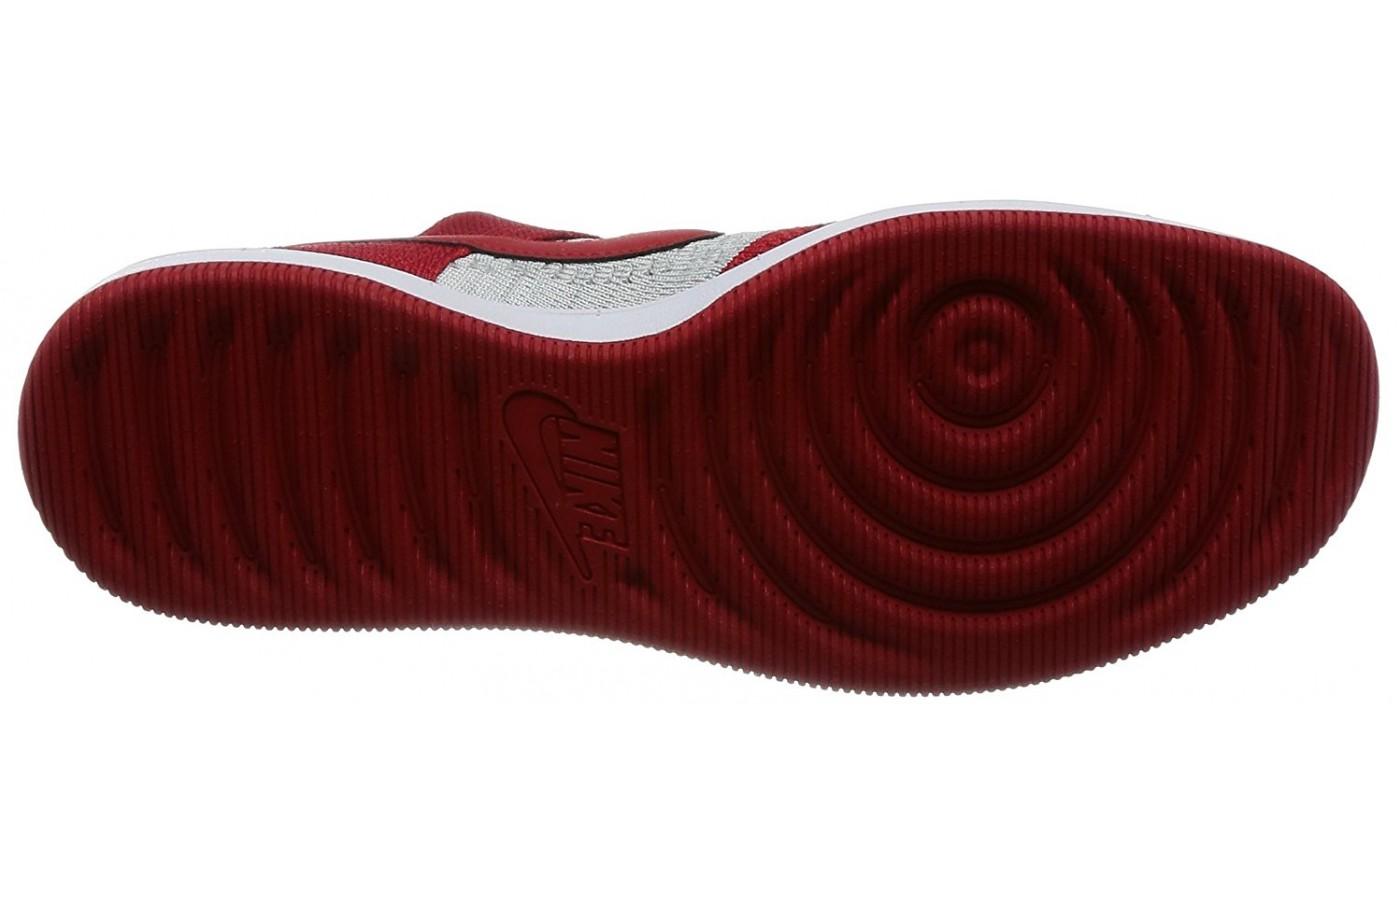 Nike Dunk Flyknit sole